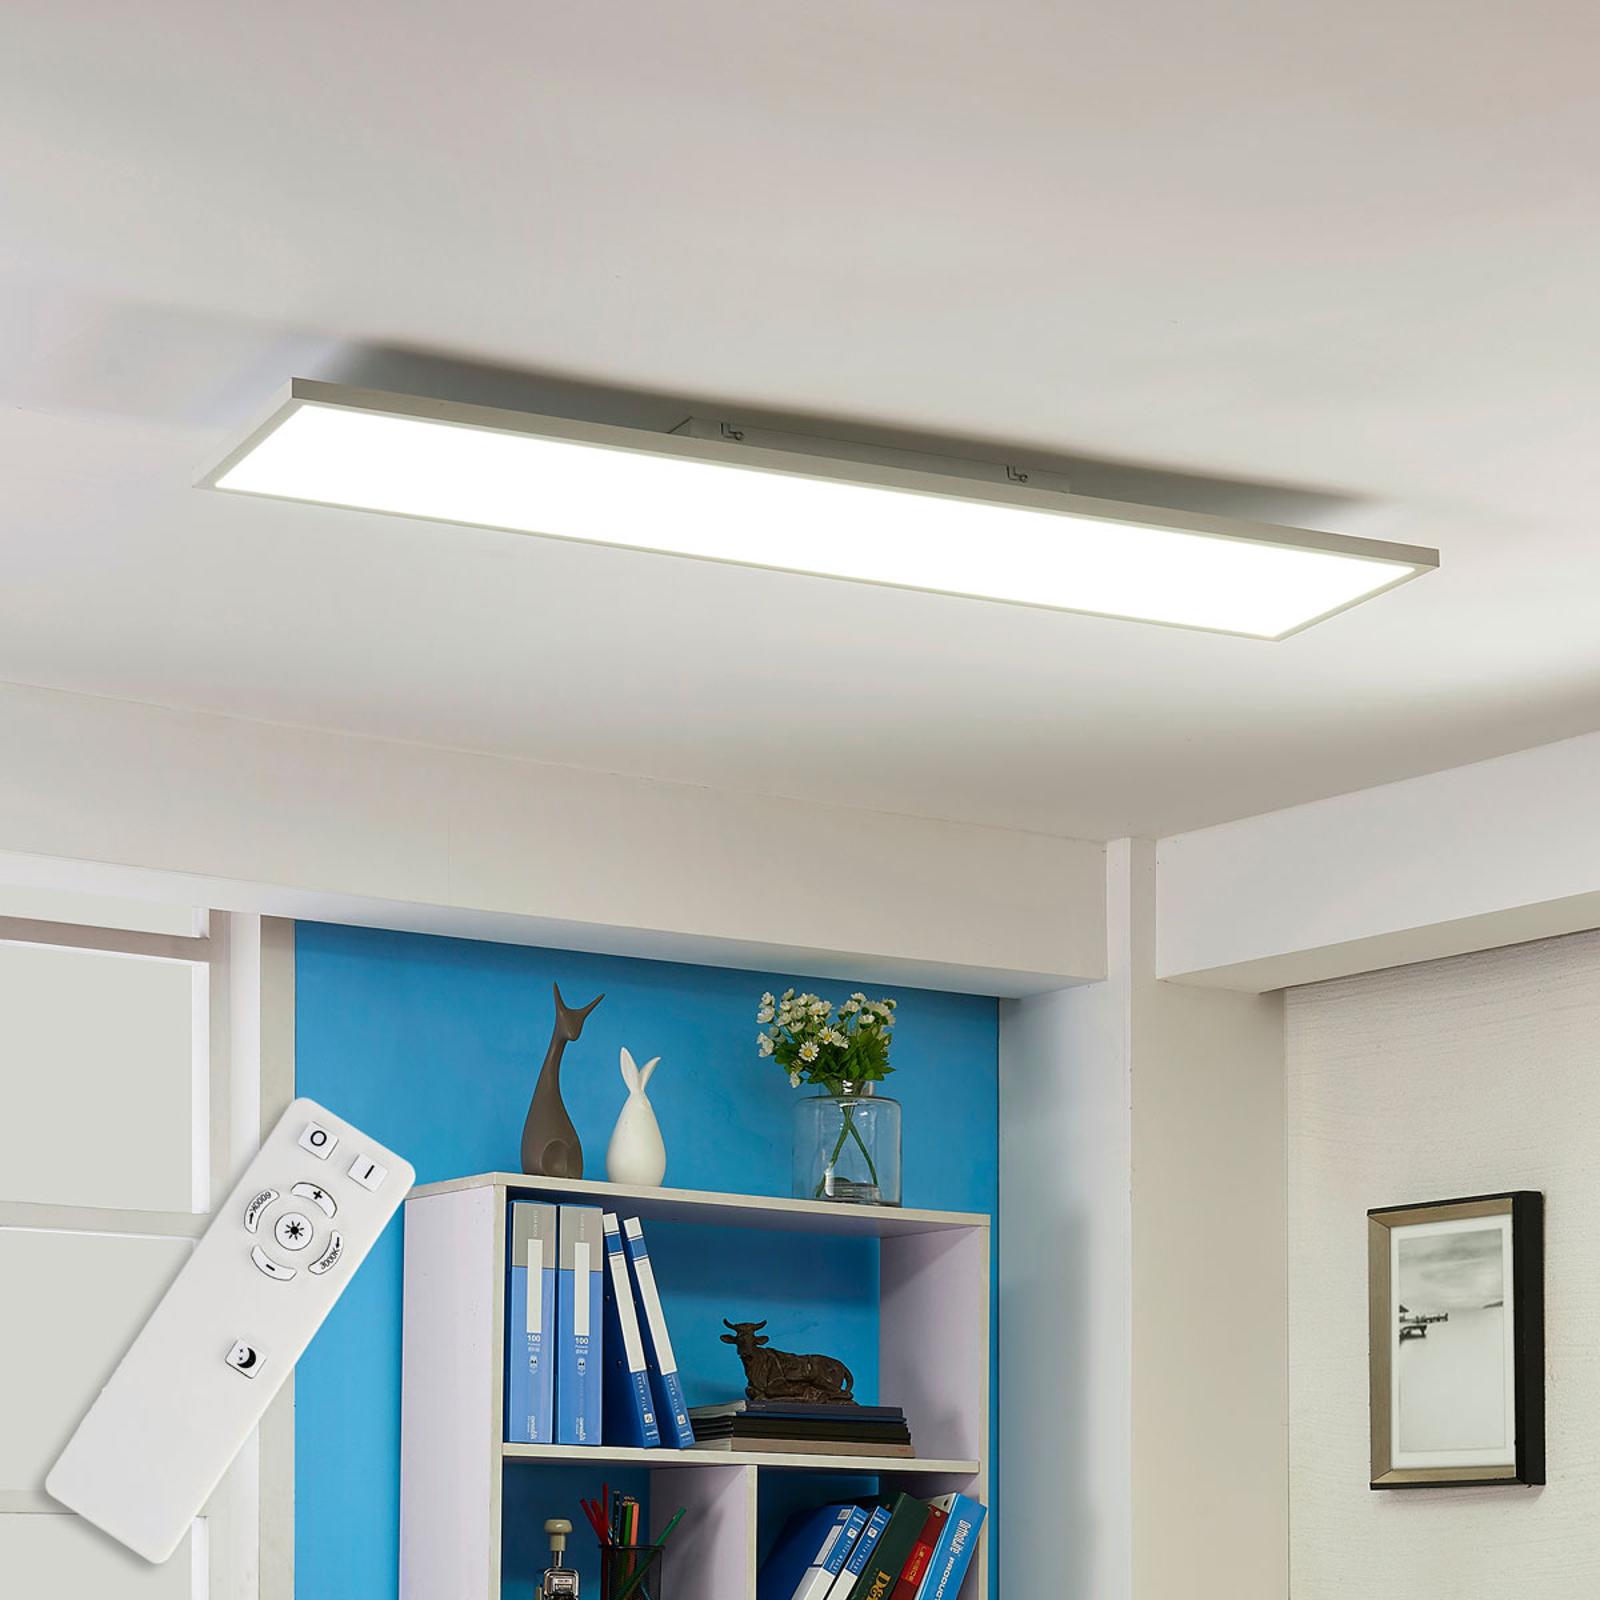 Philla - LED-taklampe 3000K - 6000K, 119cm